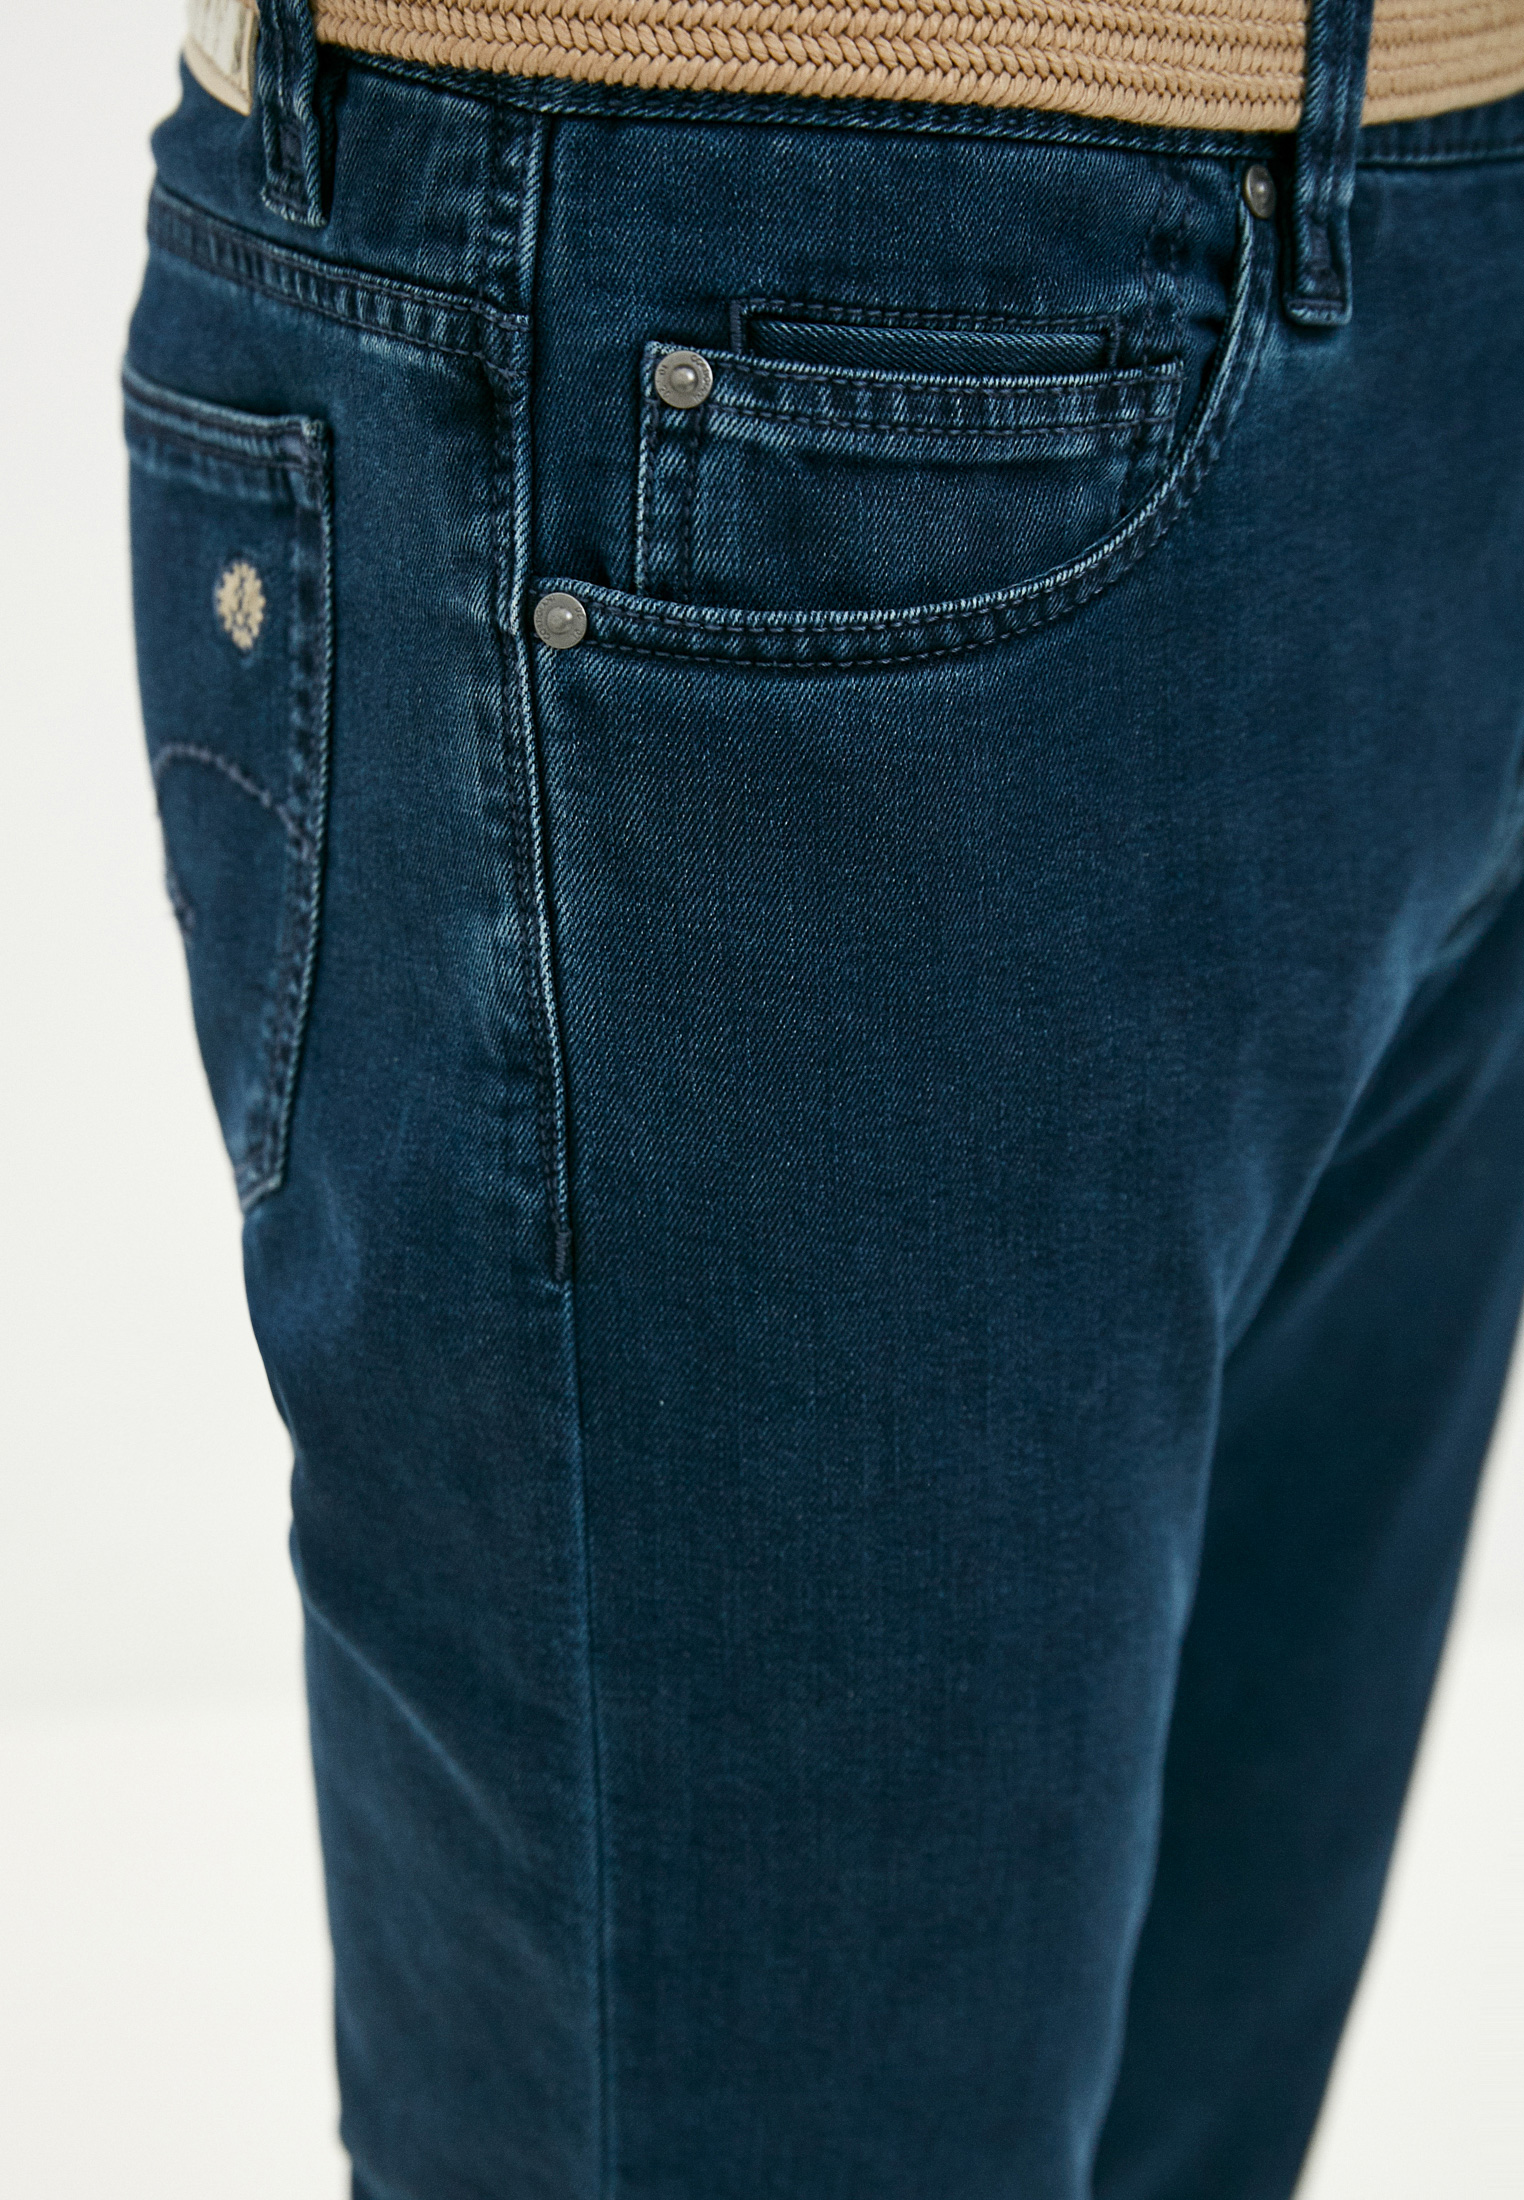 Зауженные джинсы Cortigiani 113530: изображение 5